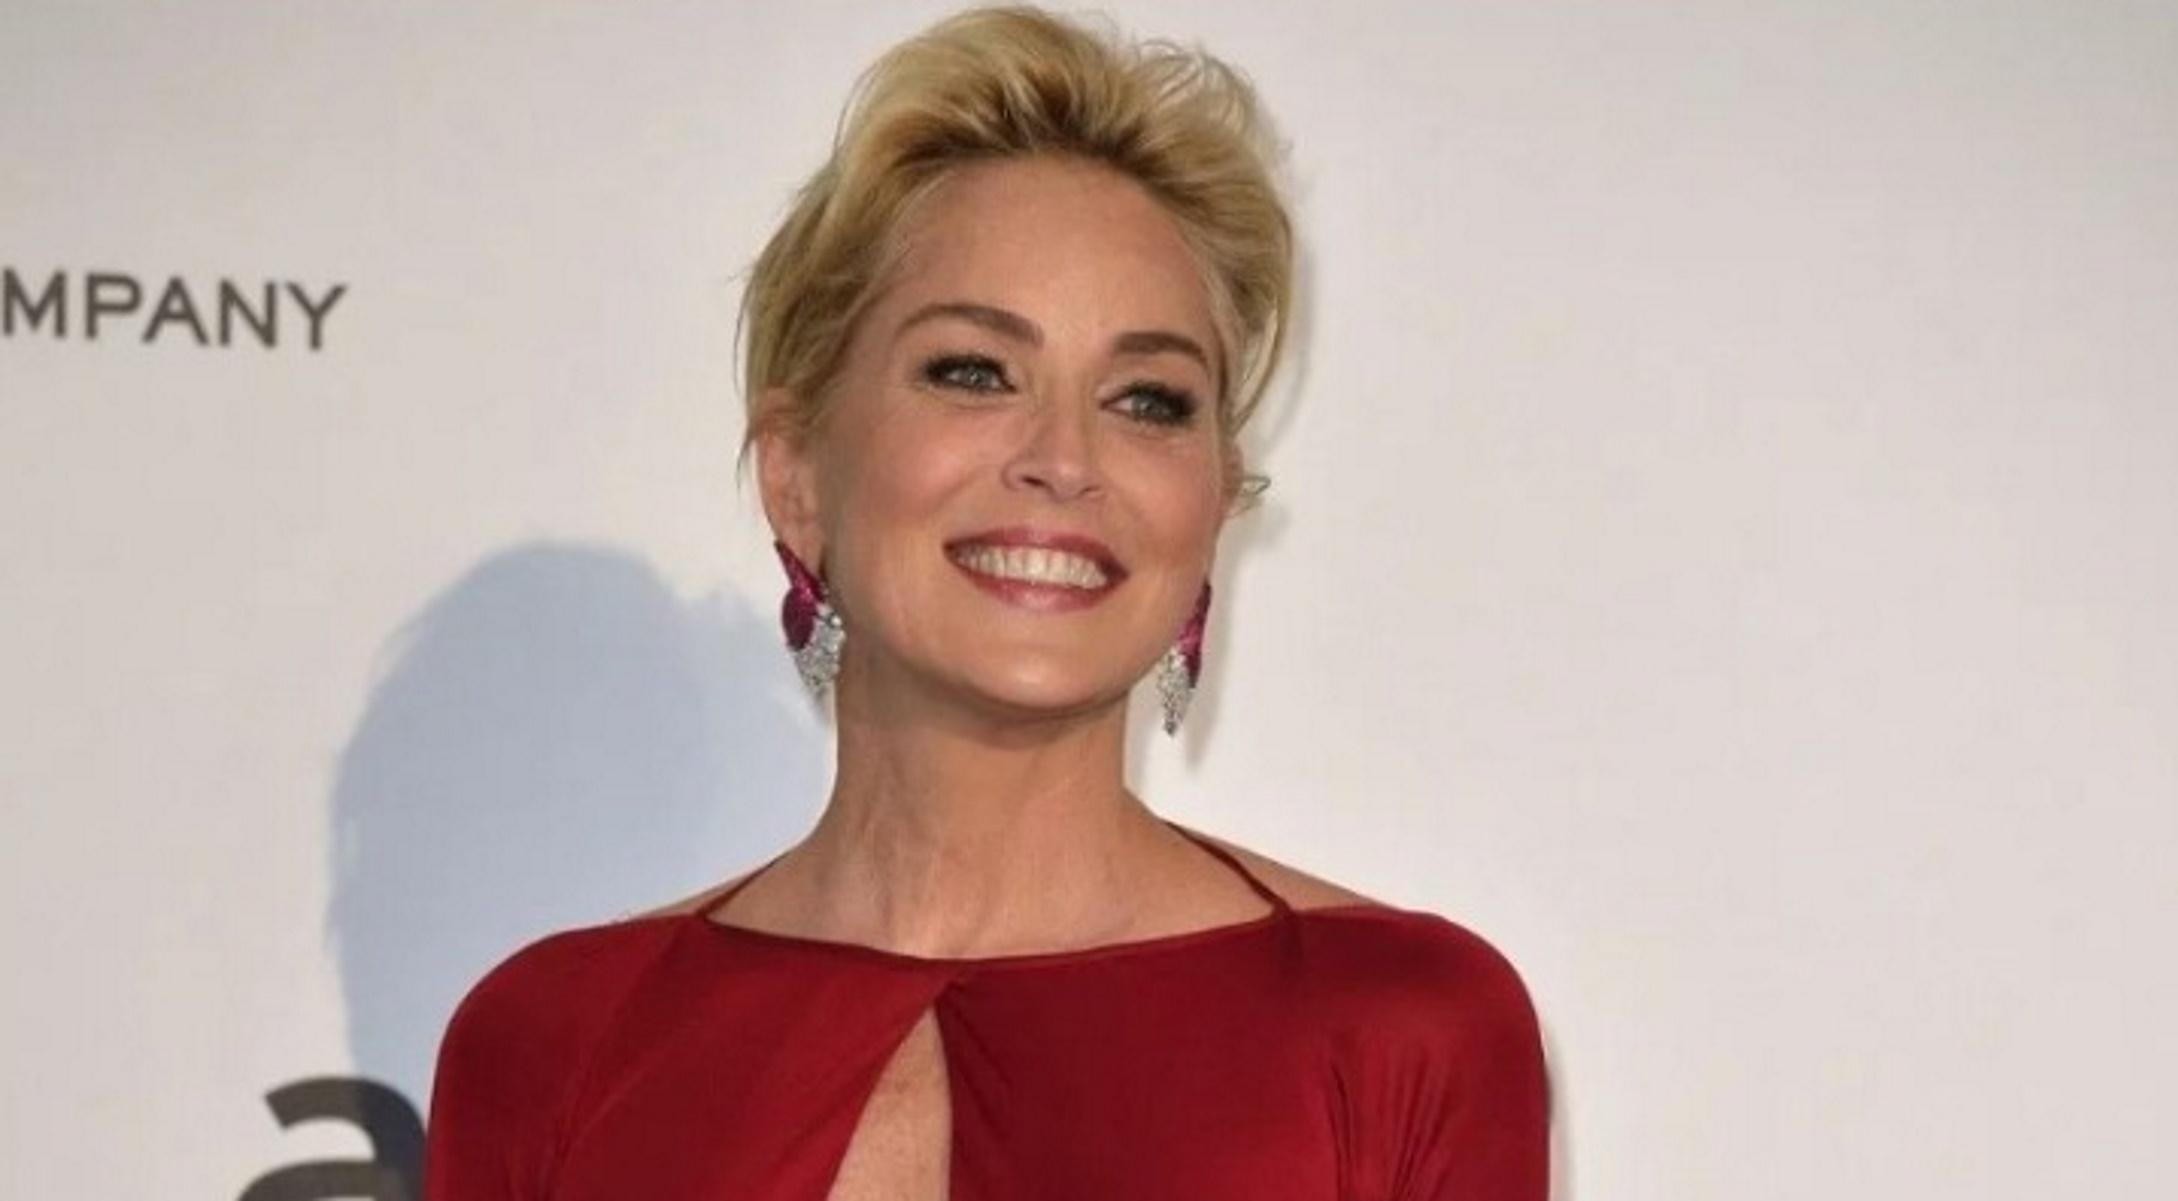 Σάρον Στόουν: Εντυπωσιάζει ξανά στην πρεμιέρα της ταινίας Τζέιμς Μποντ στο Μονακό